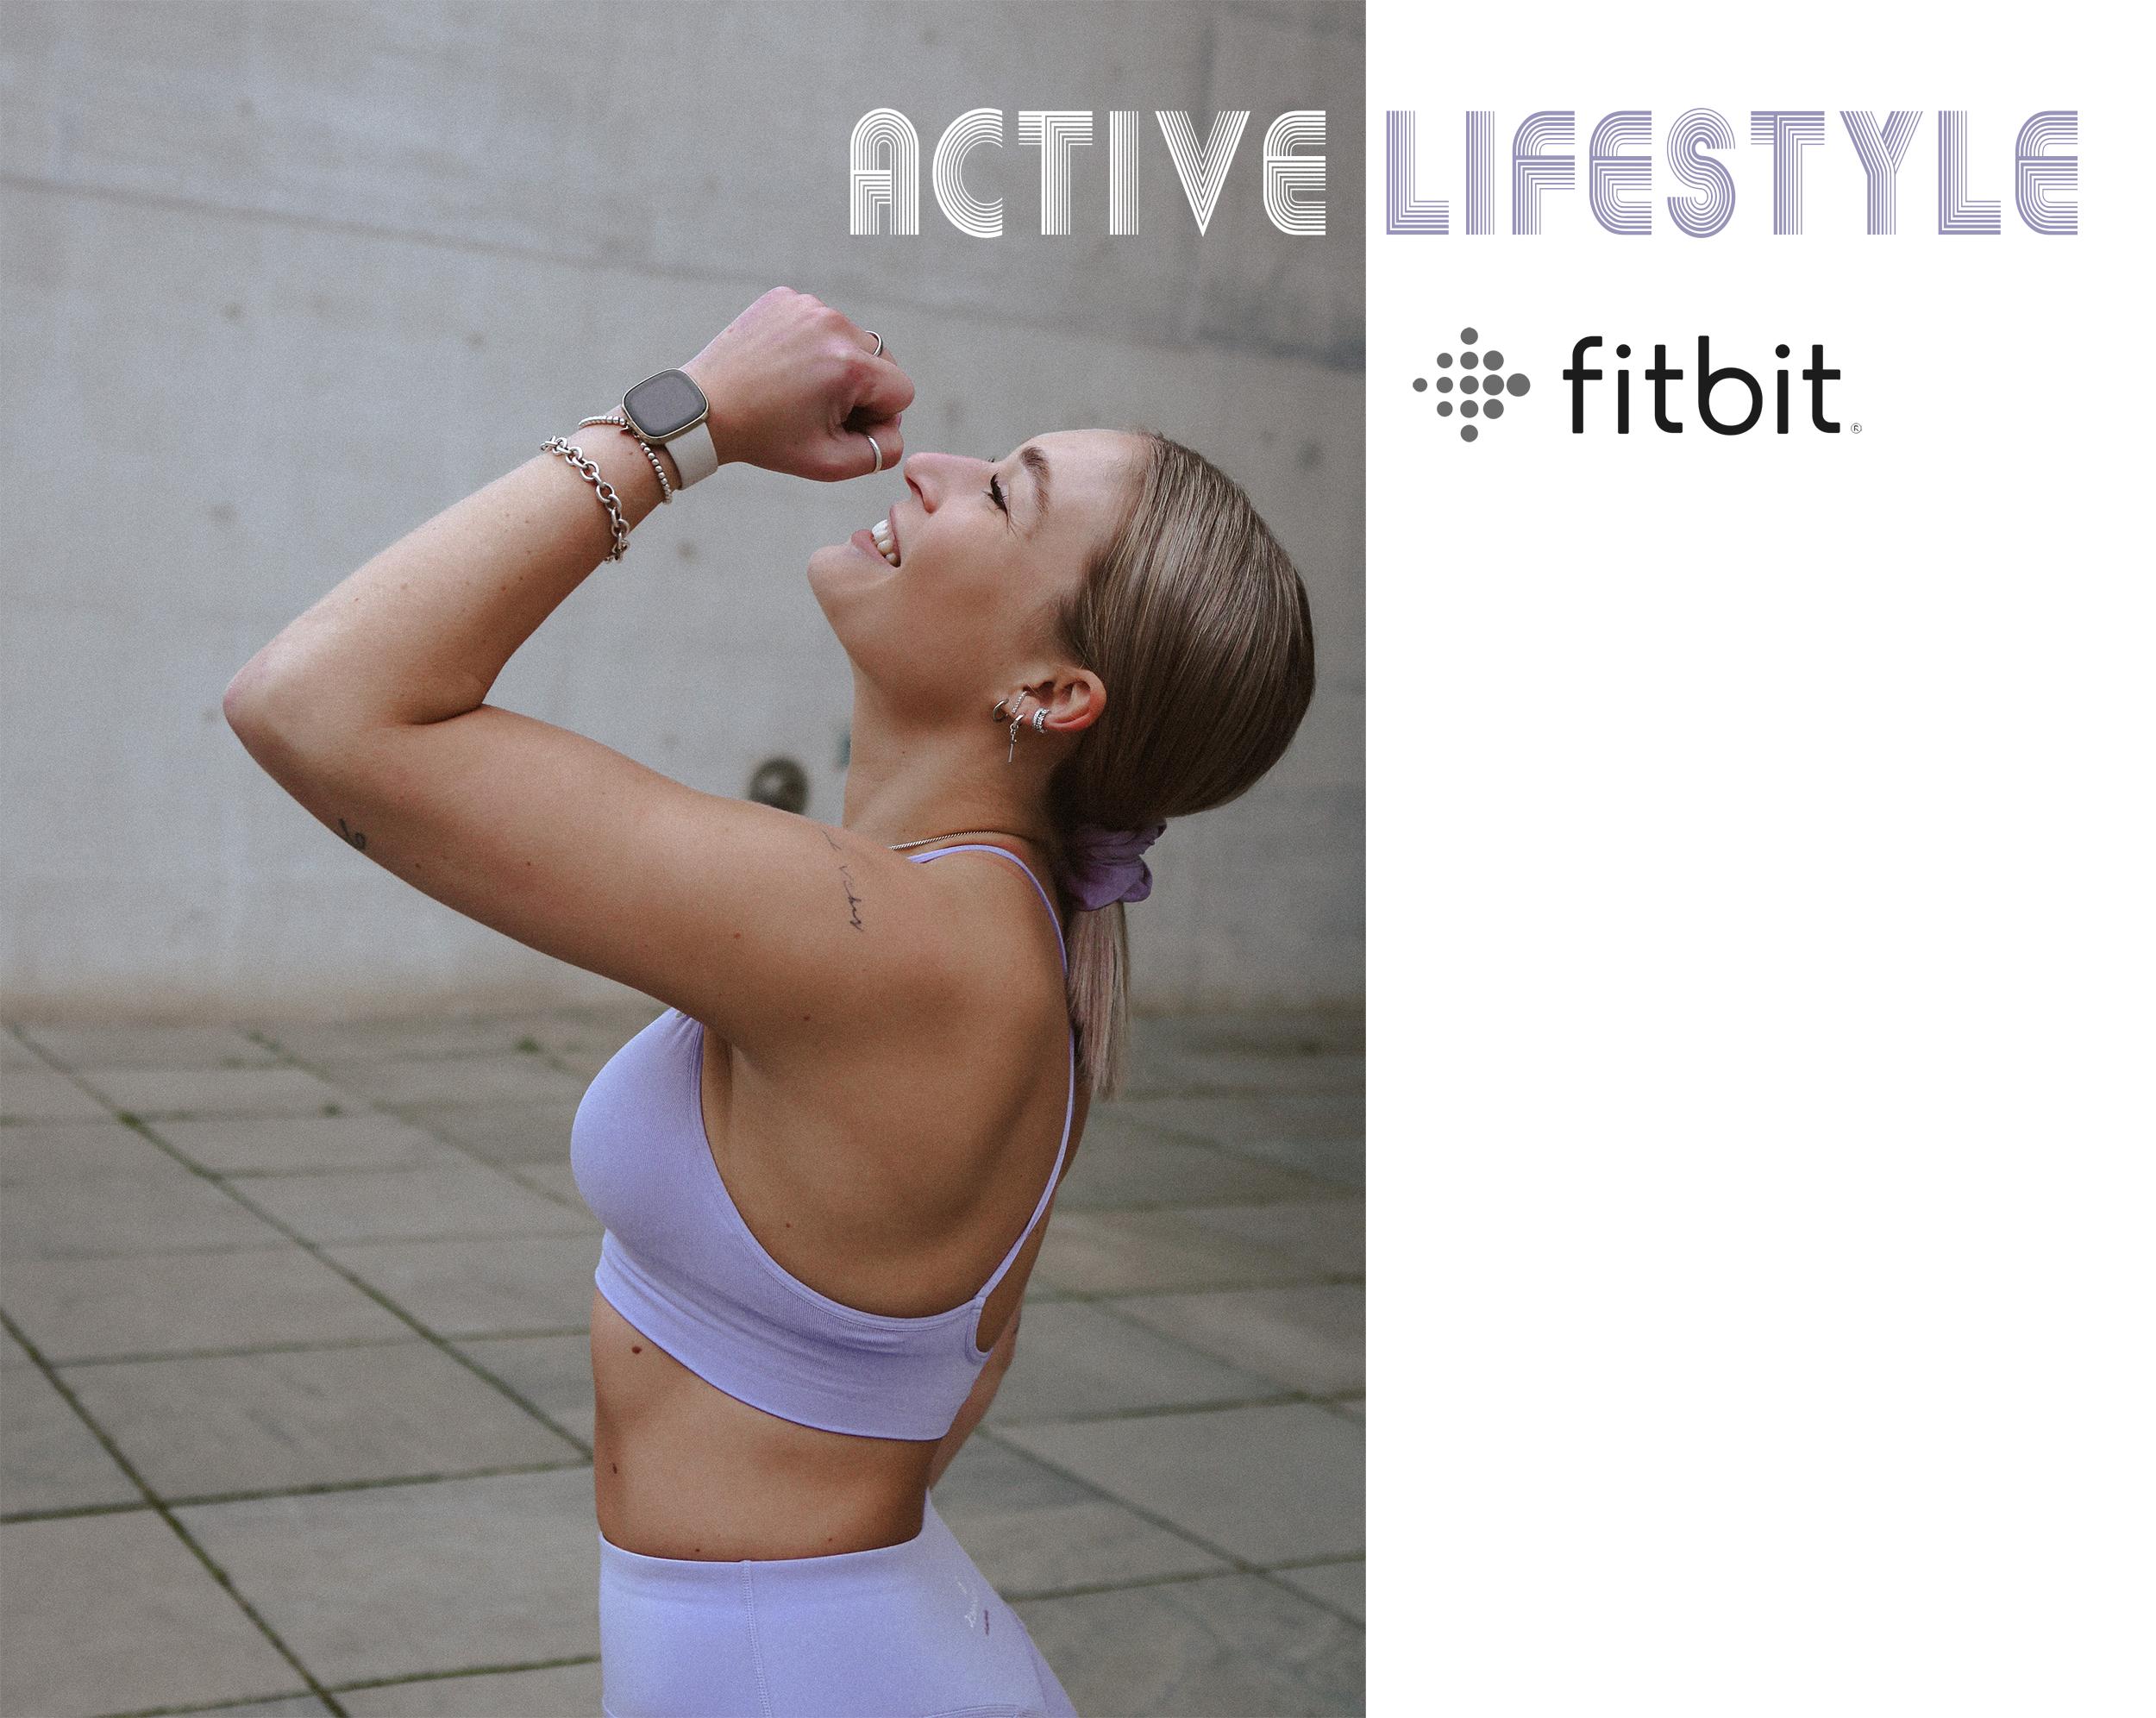 lauralamode-fitbit-fitbit sense-fitbit funktionen-smartwatch-tracker-fitness tracker-fitbit smartwatch-fitness-fitnessblogger-fitnessuhr-kalorientracker-berlin-lauralamode